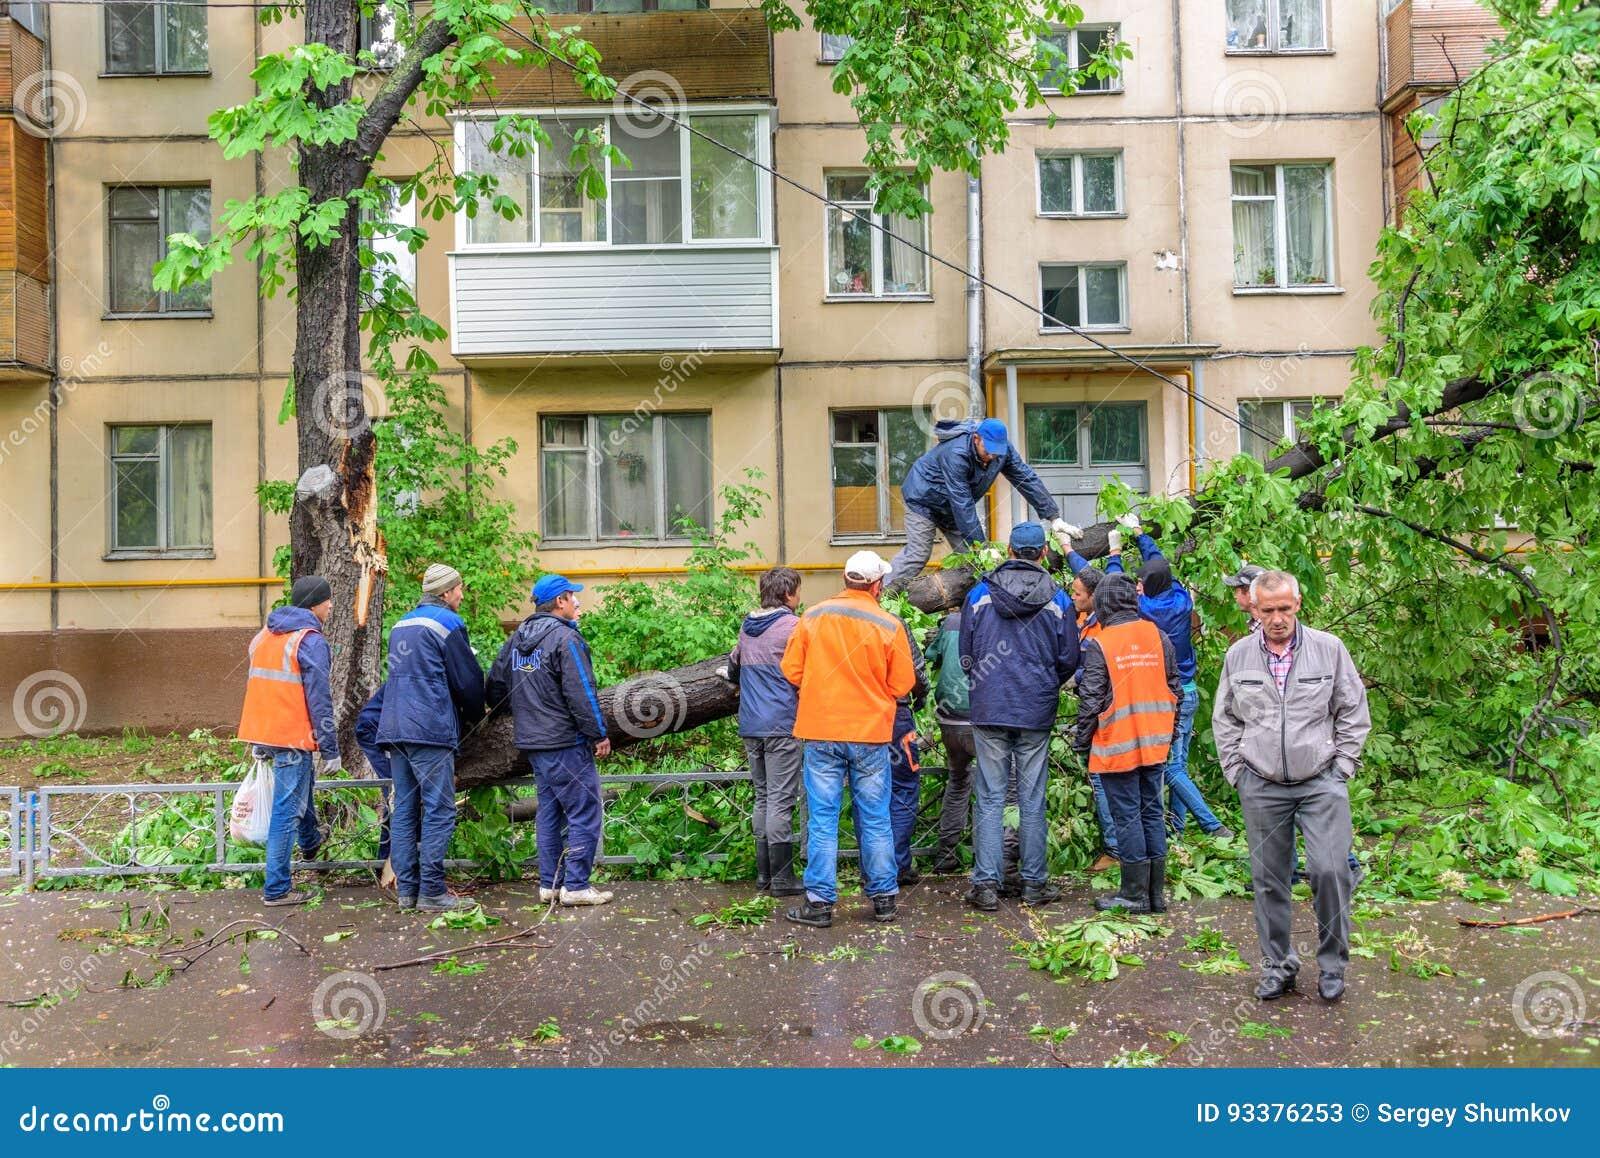 Groep portiers die gevallen gigantische kastanjeboom als resultaat van de strenge orkaanwinden zagen in woonwijk van Moskou